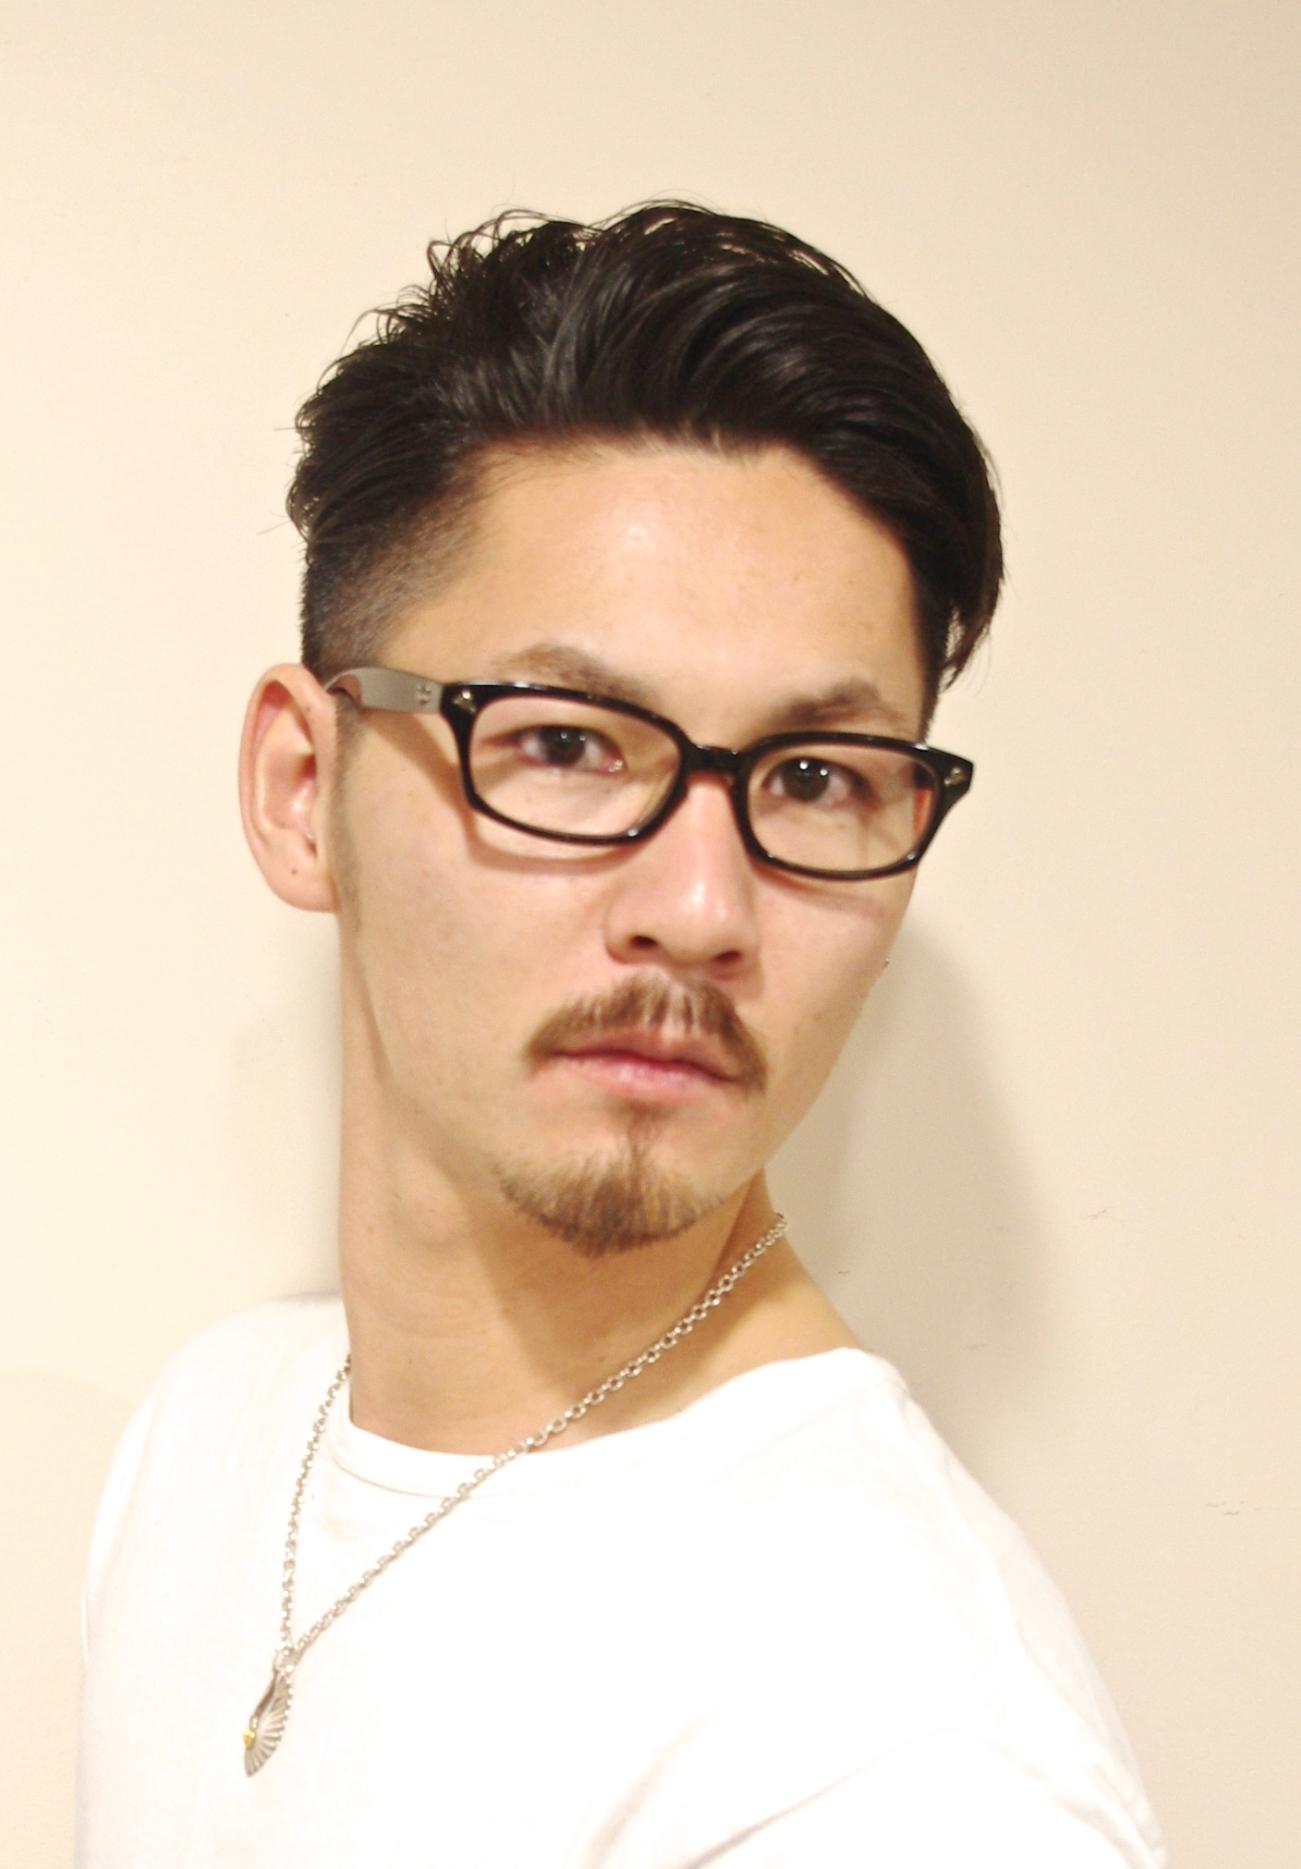 2020年メガネに似合う髪型 メンズショートヘア10選 メンズカットショート